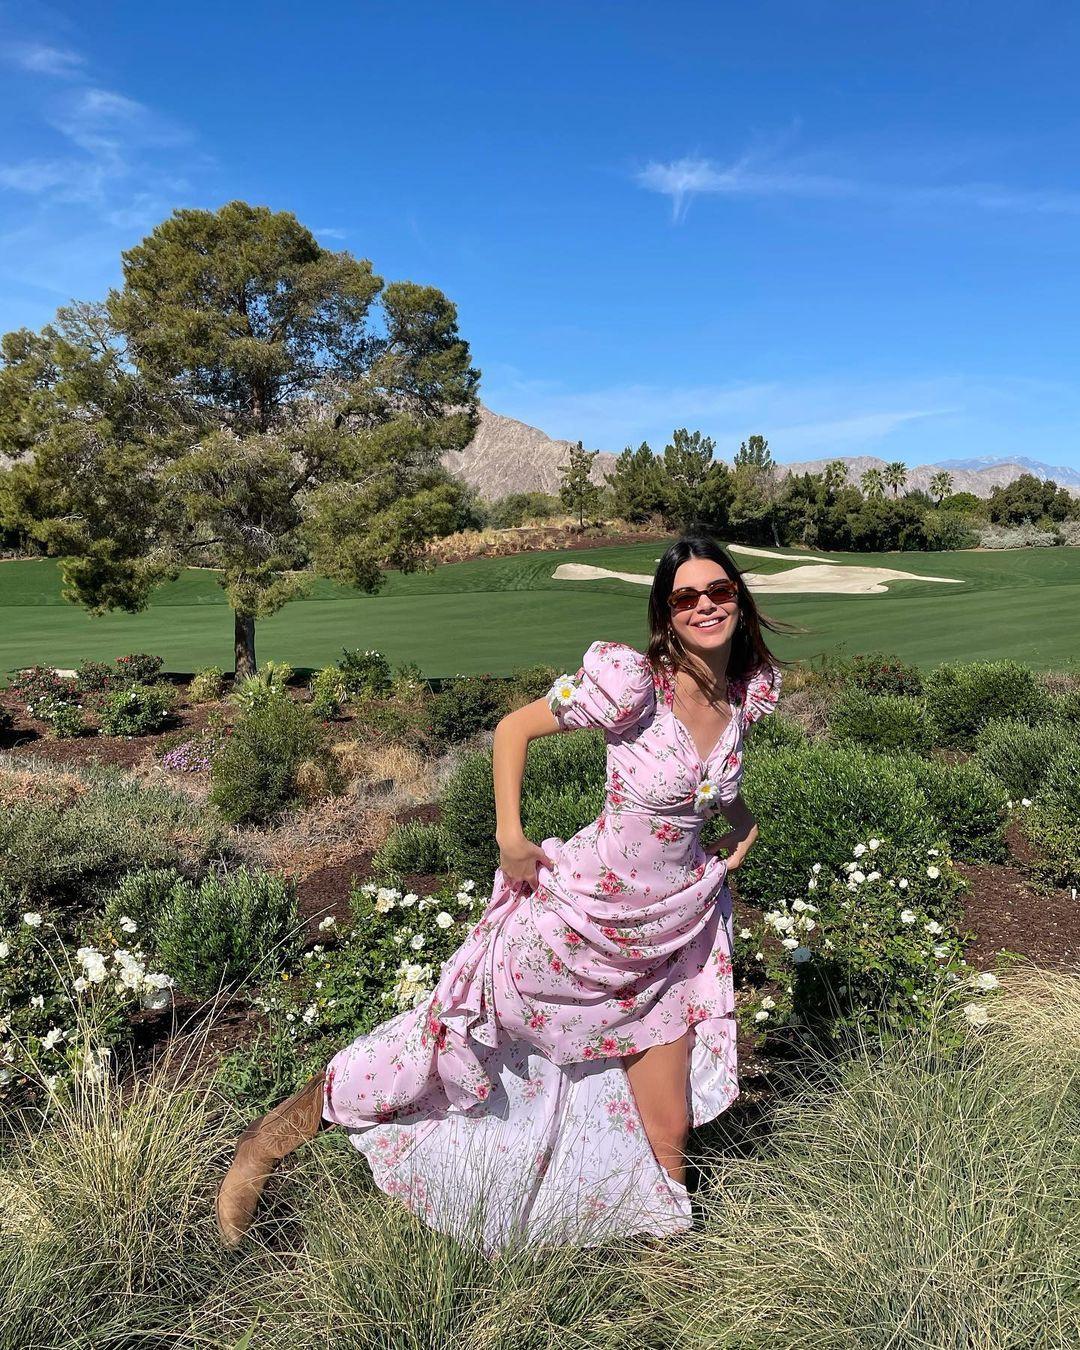 Kusursuz fiziğini gözler önüne serdi! Kendall Jenner transparan elbisesiyle nefes kesti! - Sayfa 1